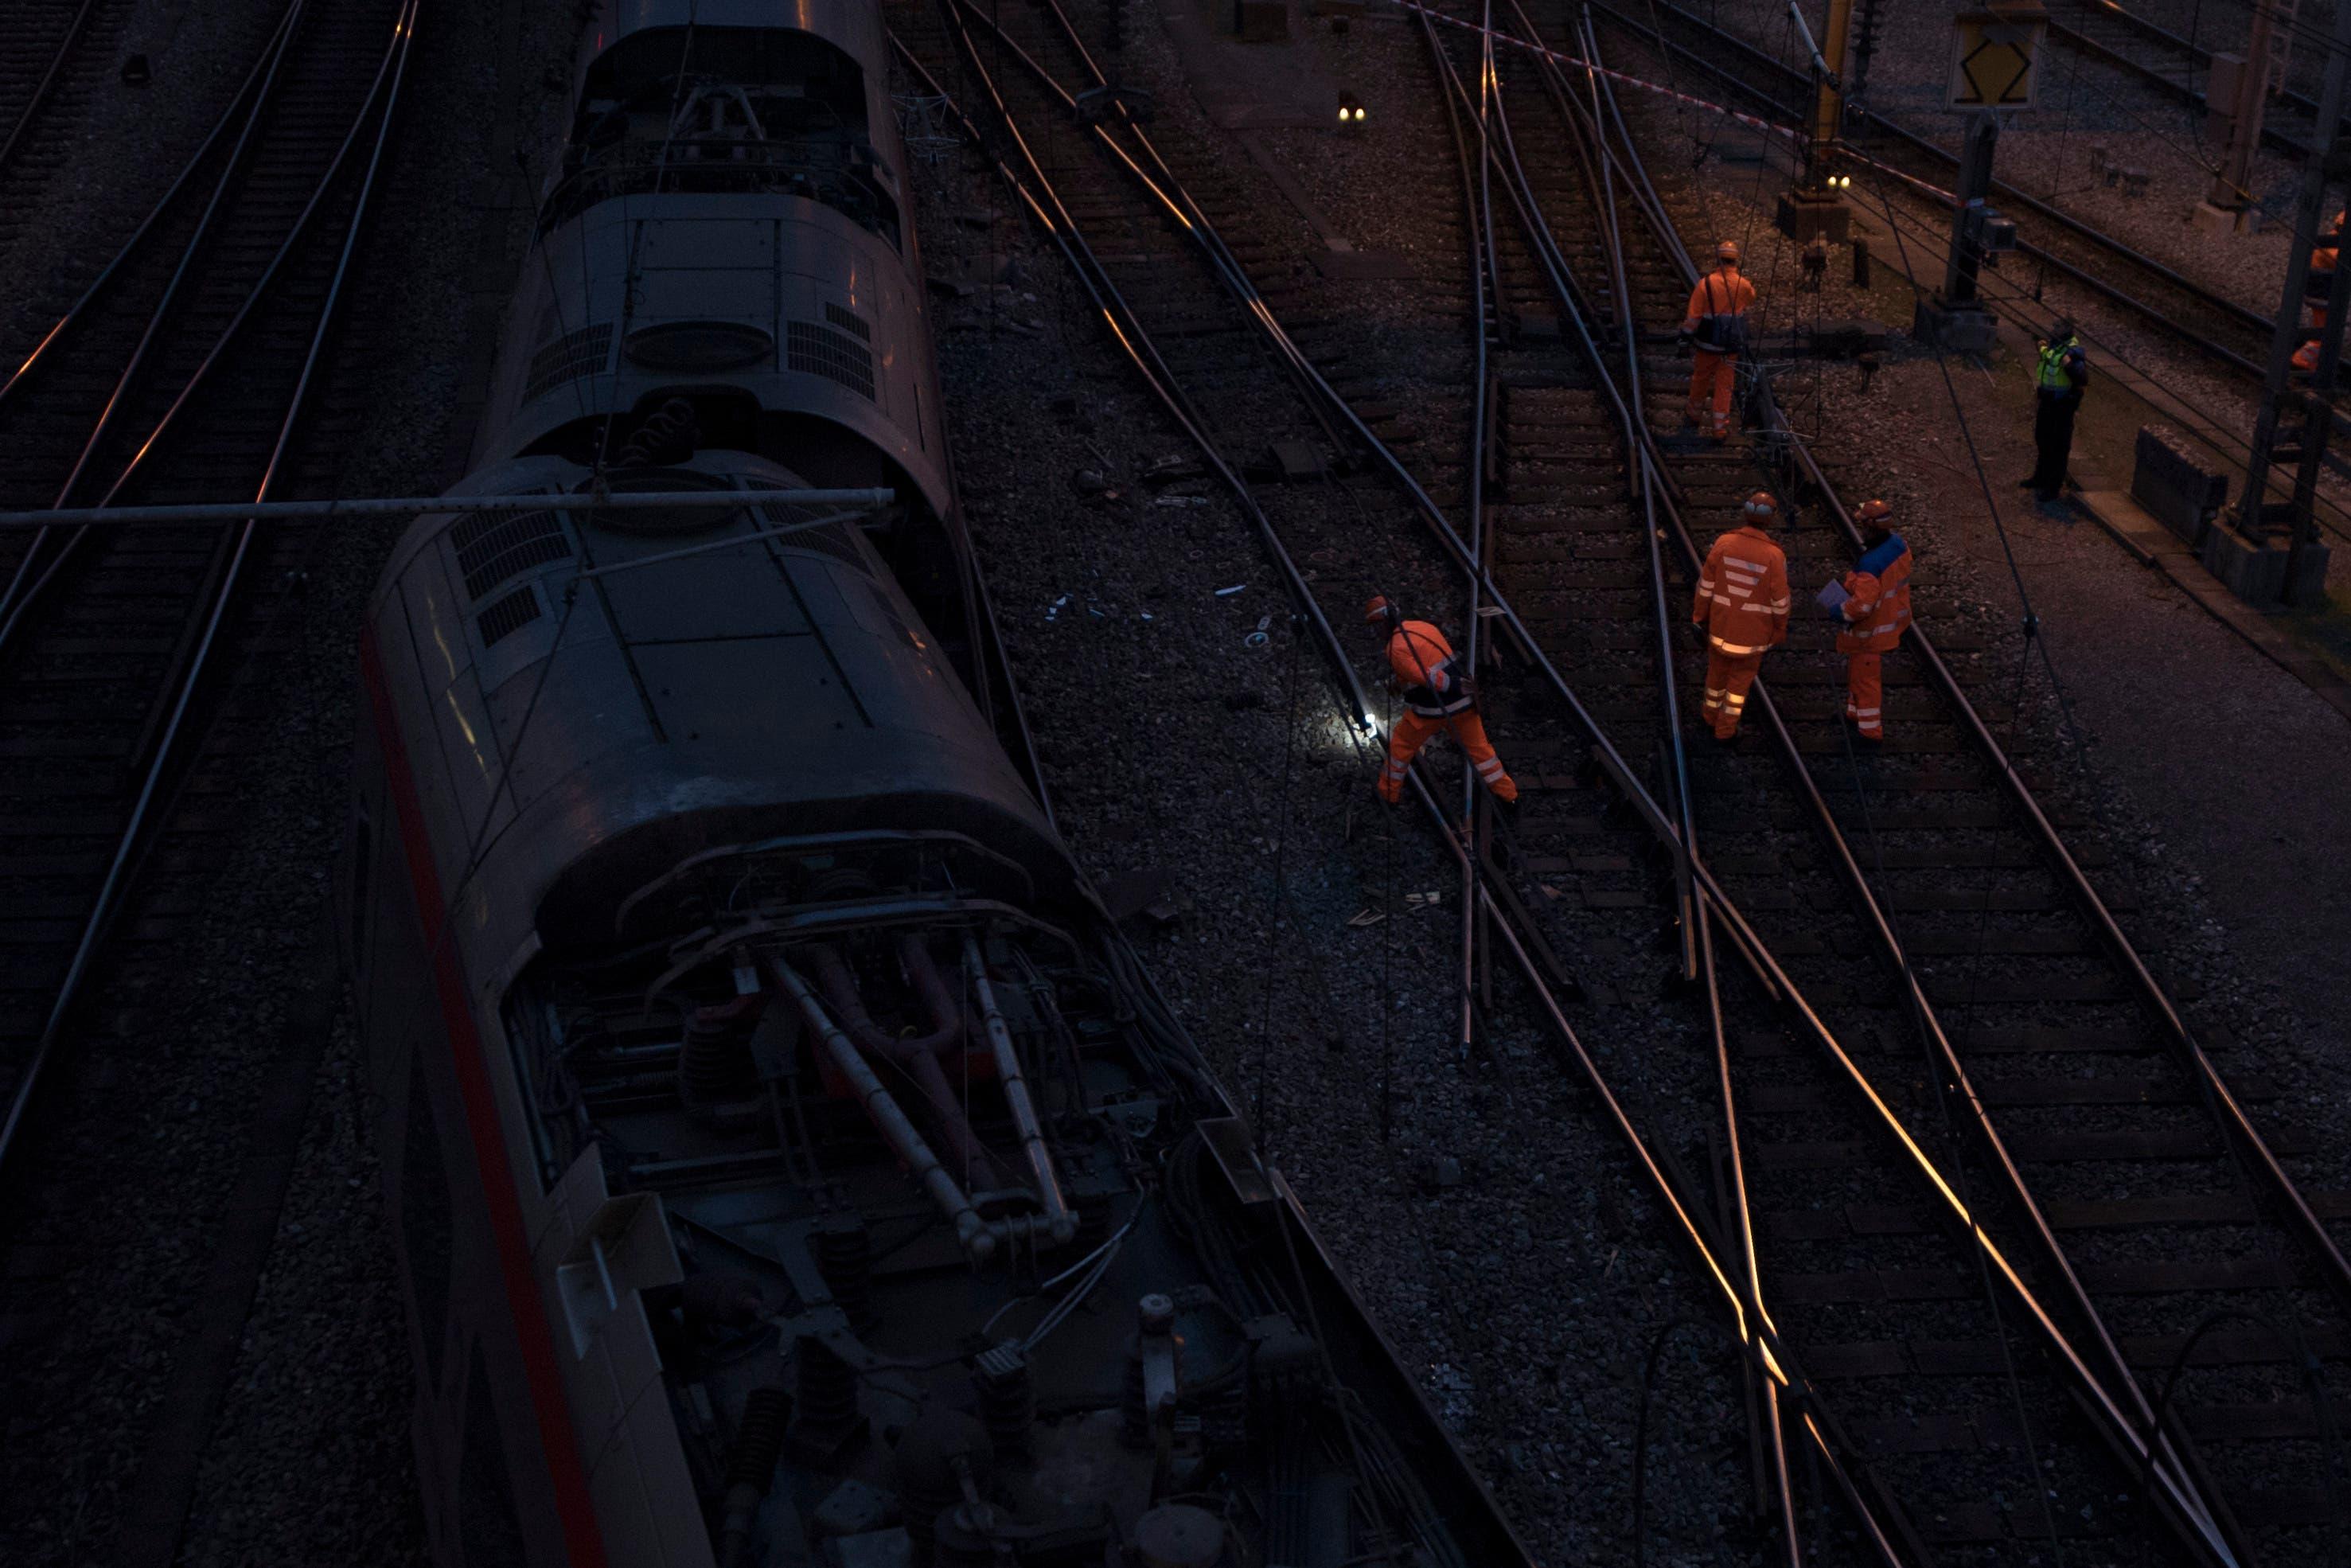 Die Bergung des Zuges ist kompliziert - der Bahnhof Luzern bleibt voraussichtlich bis am Freitag gesperrt.